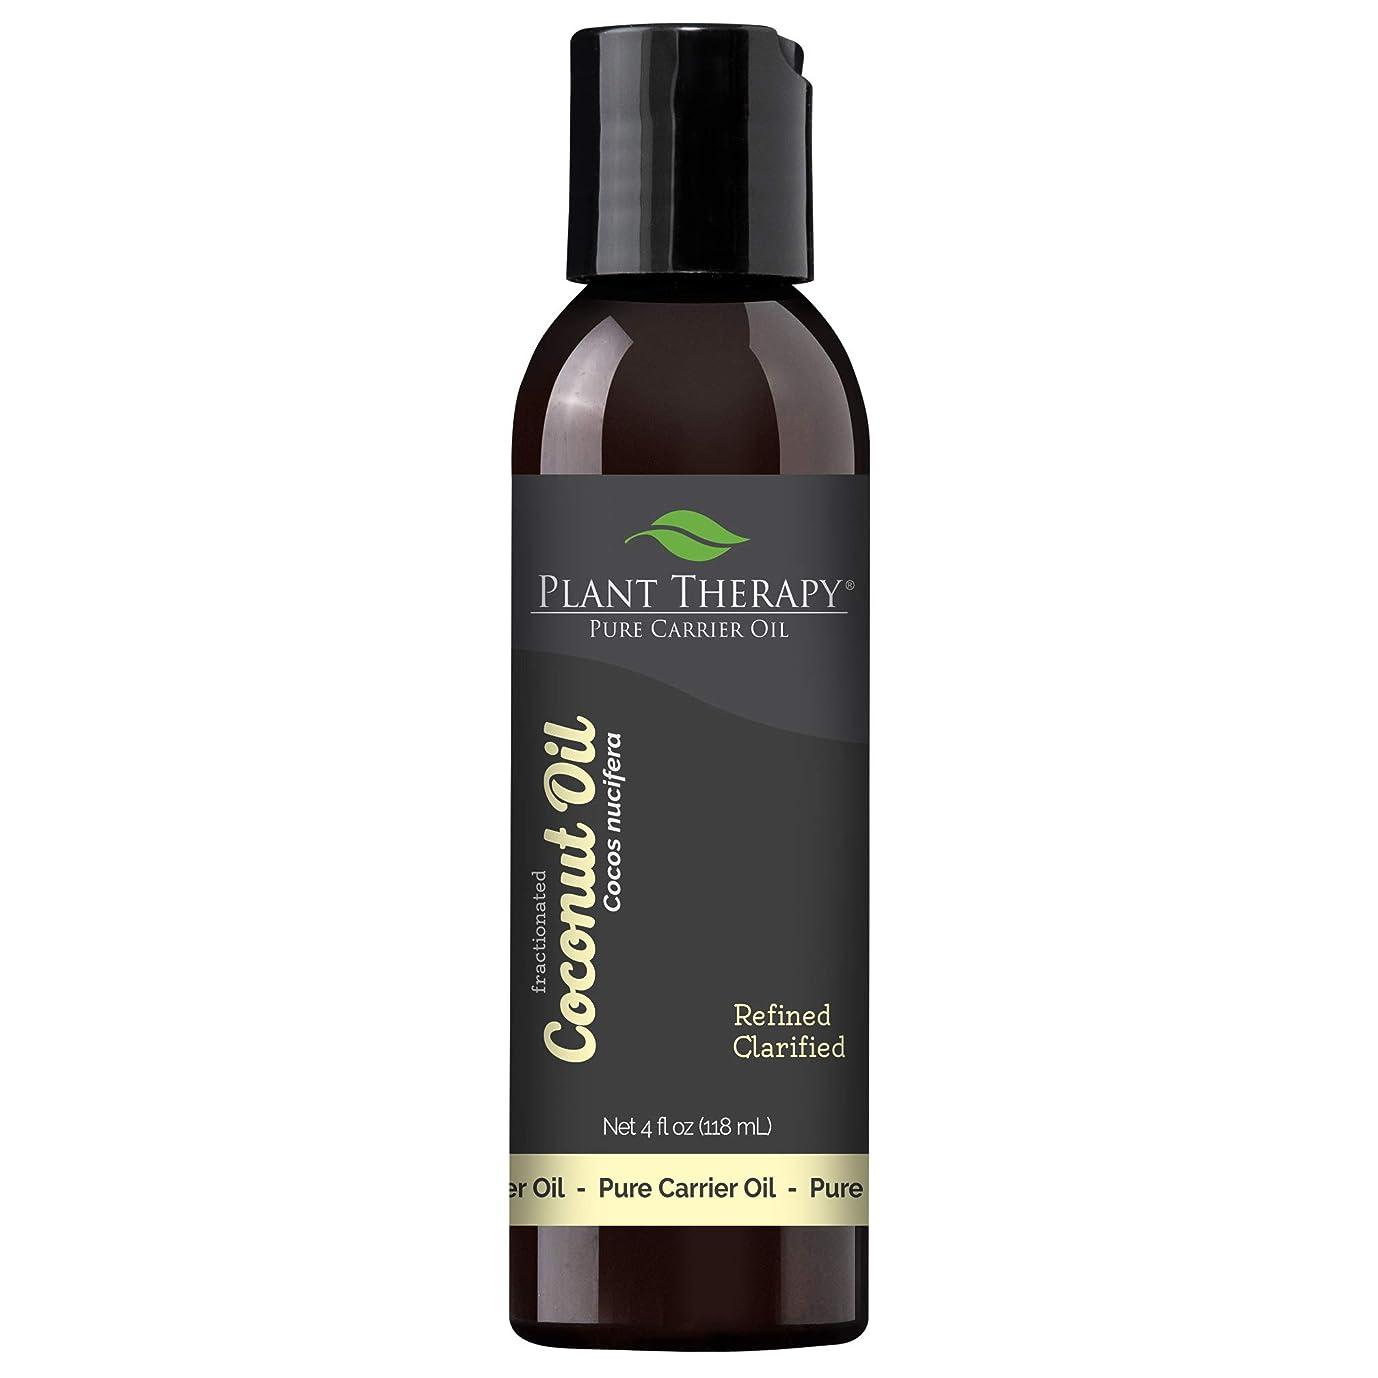 周辺寝具印象派Plant Therapy Essential Oils (プラントセラピー エッセンシャルオイル) ココナッツ (分別蒸留) 4 オンス キャリアオイル